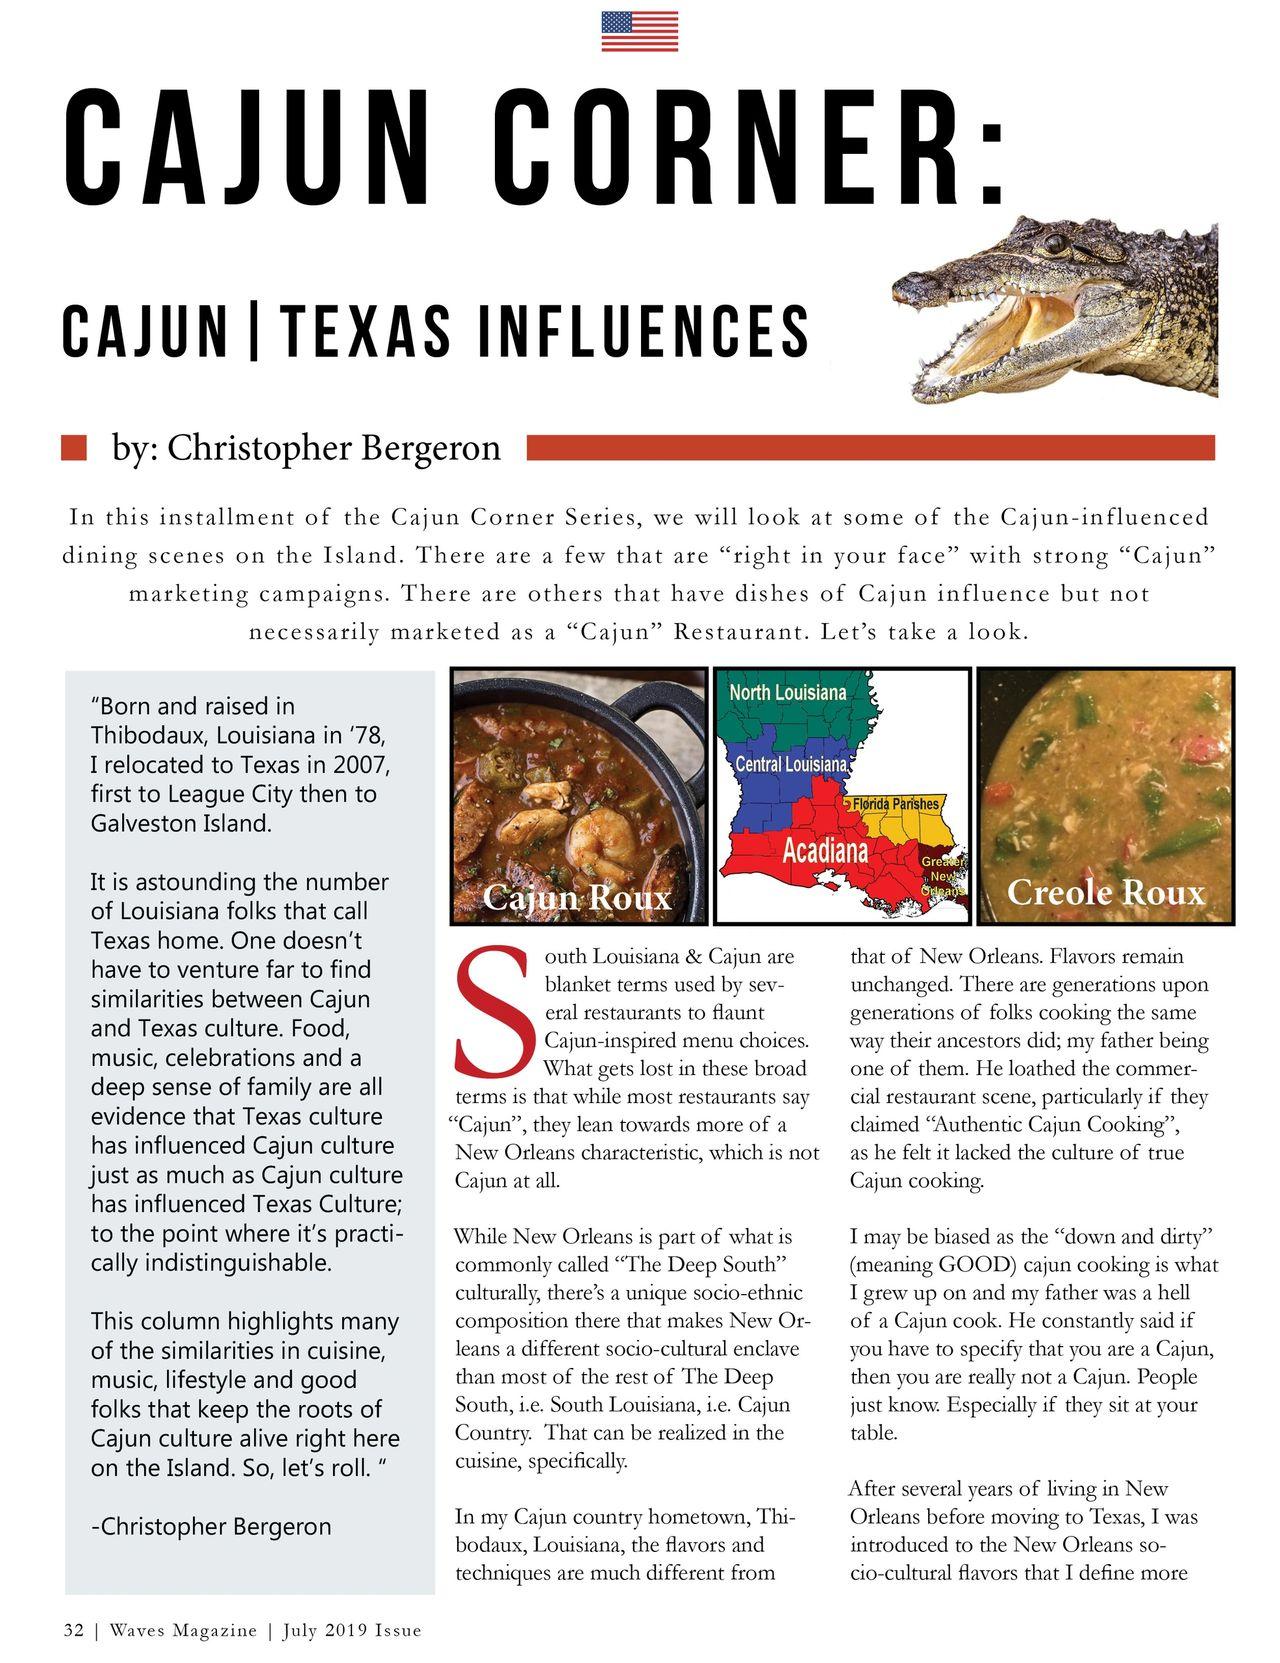 Cajun Corner | Local Cajun/Creole Dining Experiences